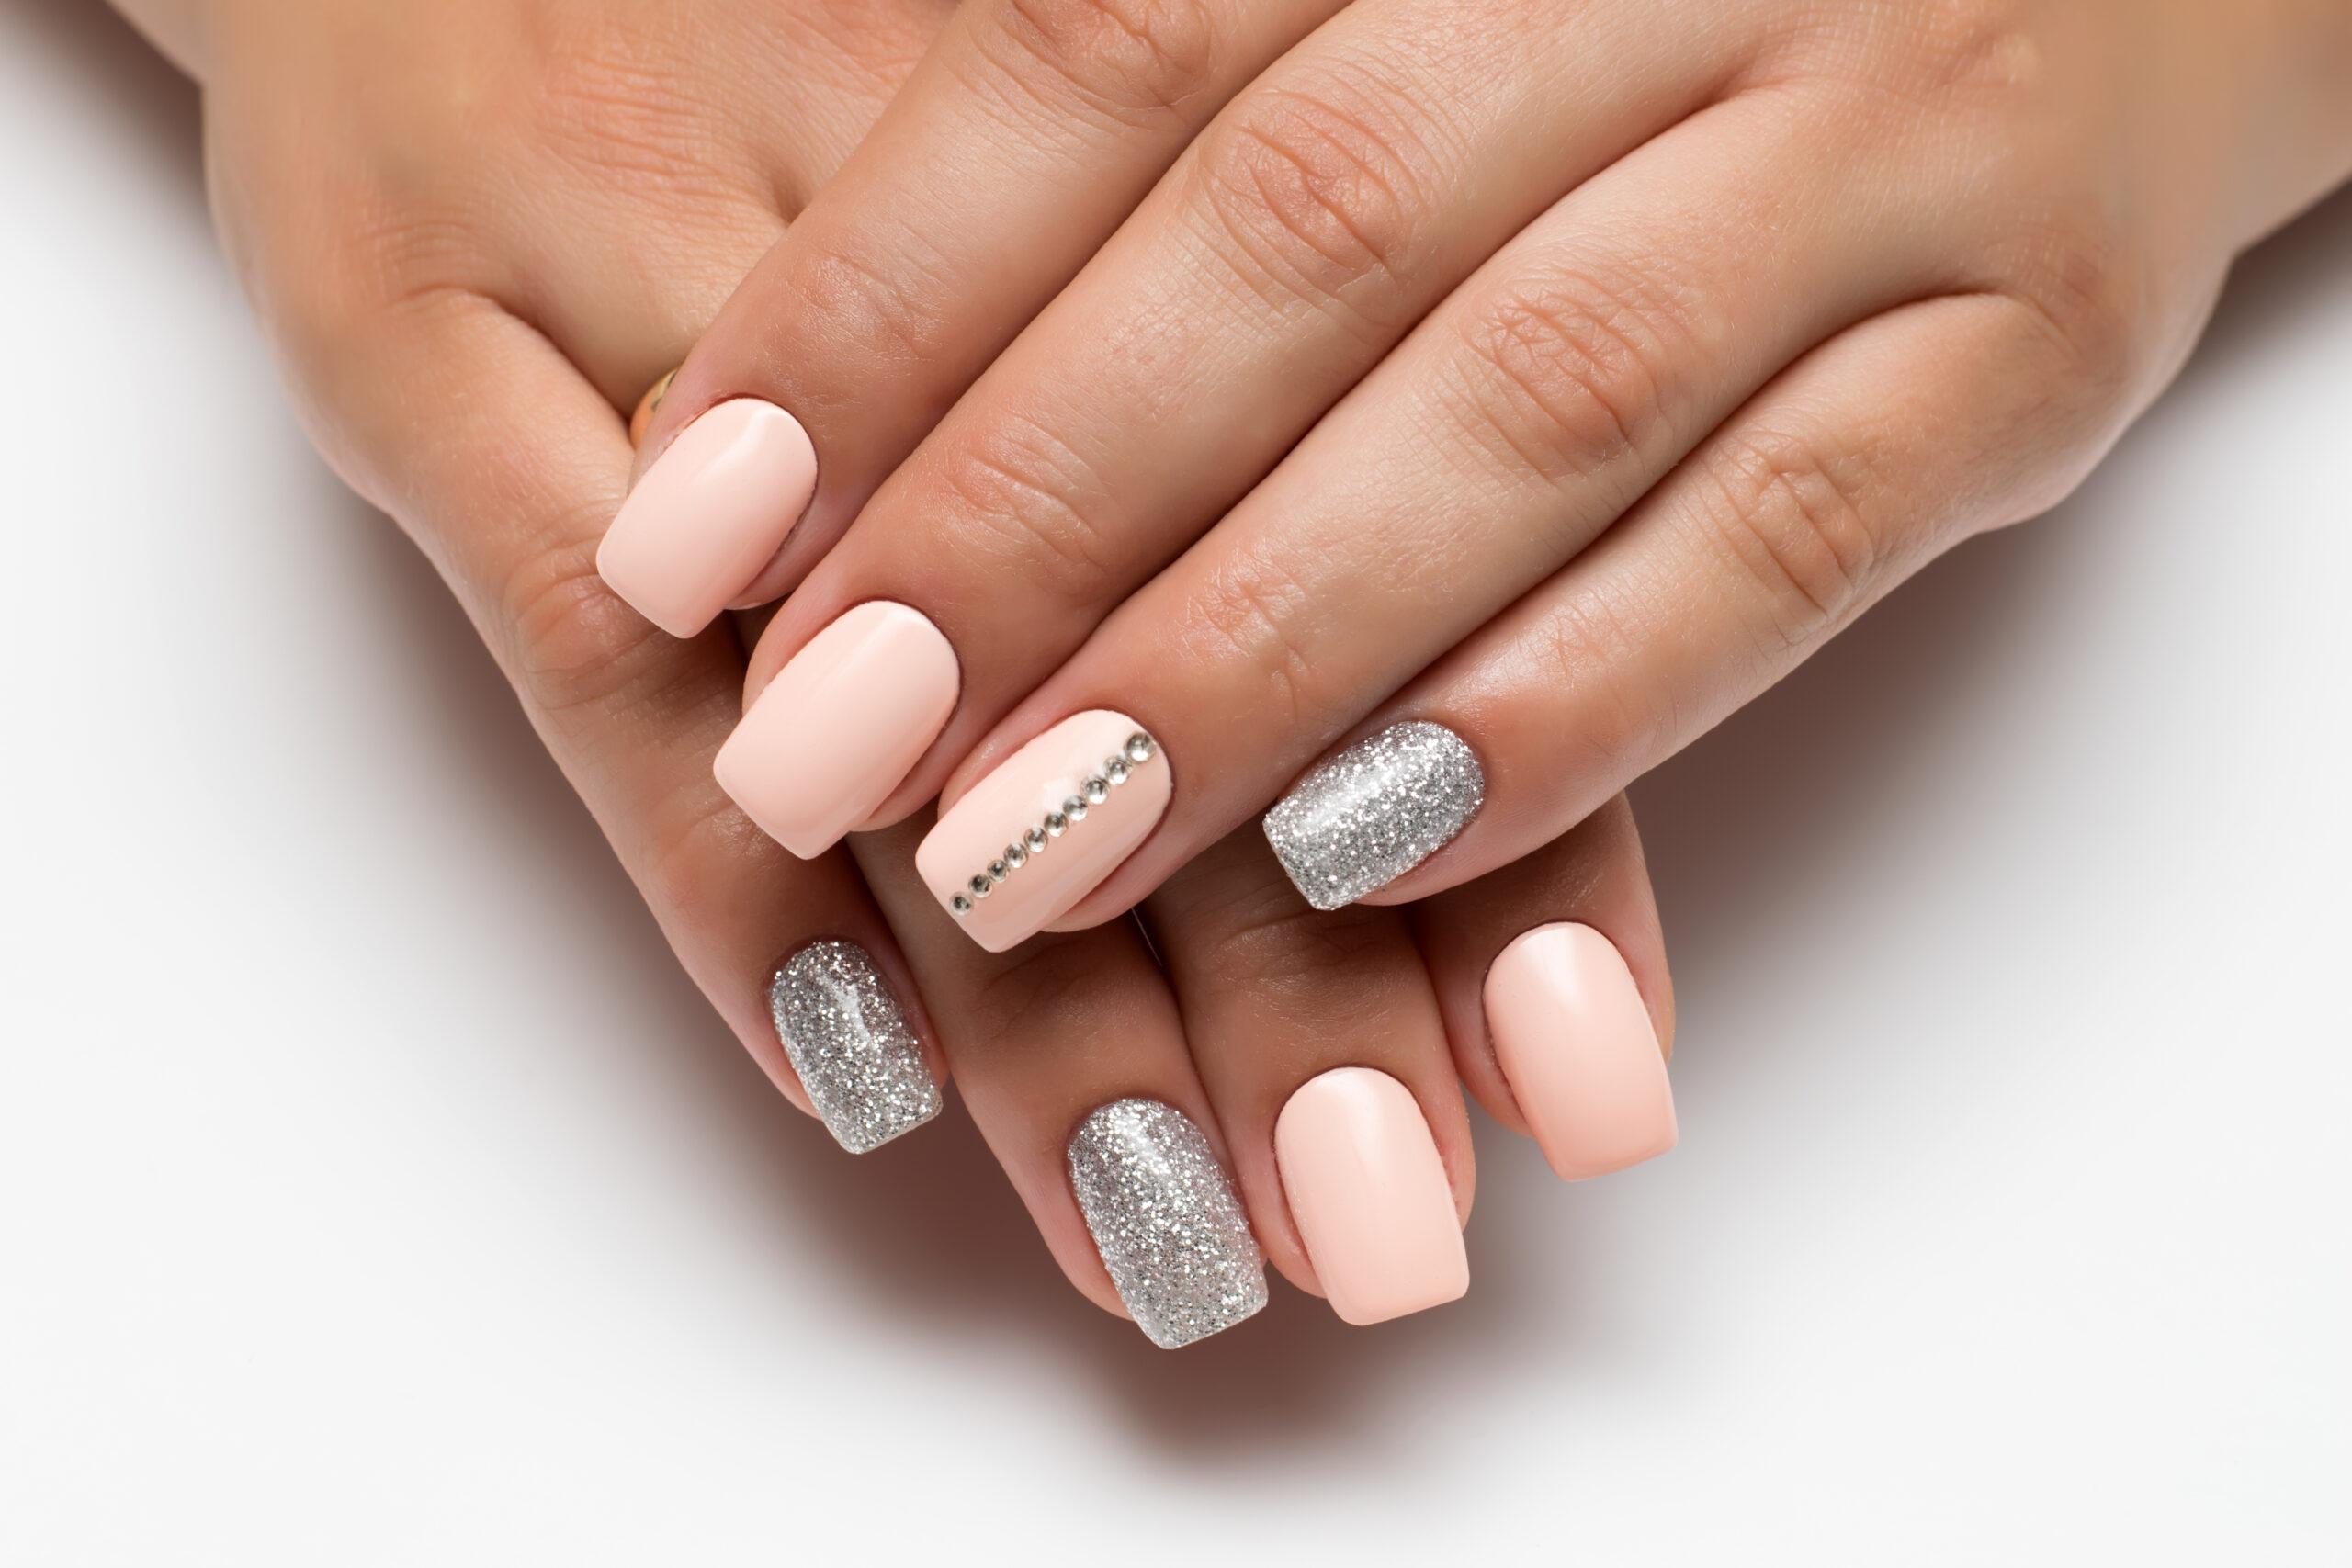 różowe paznokcie ślubne w srebrne wzory